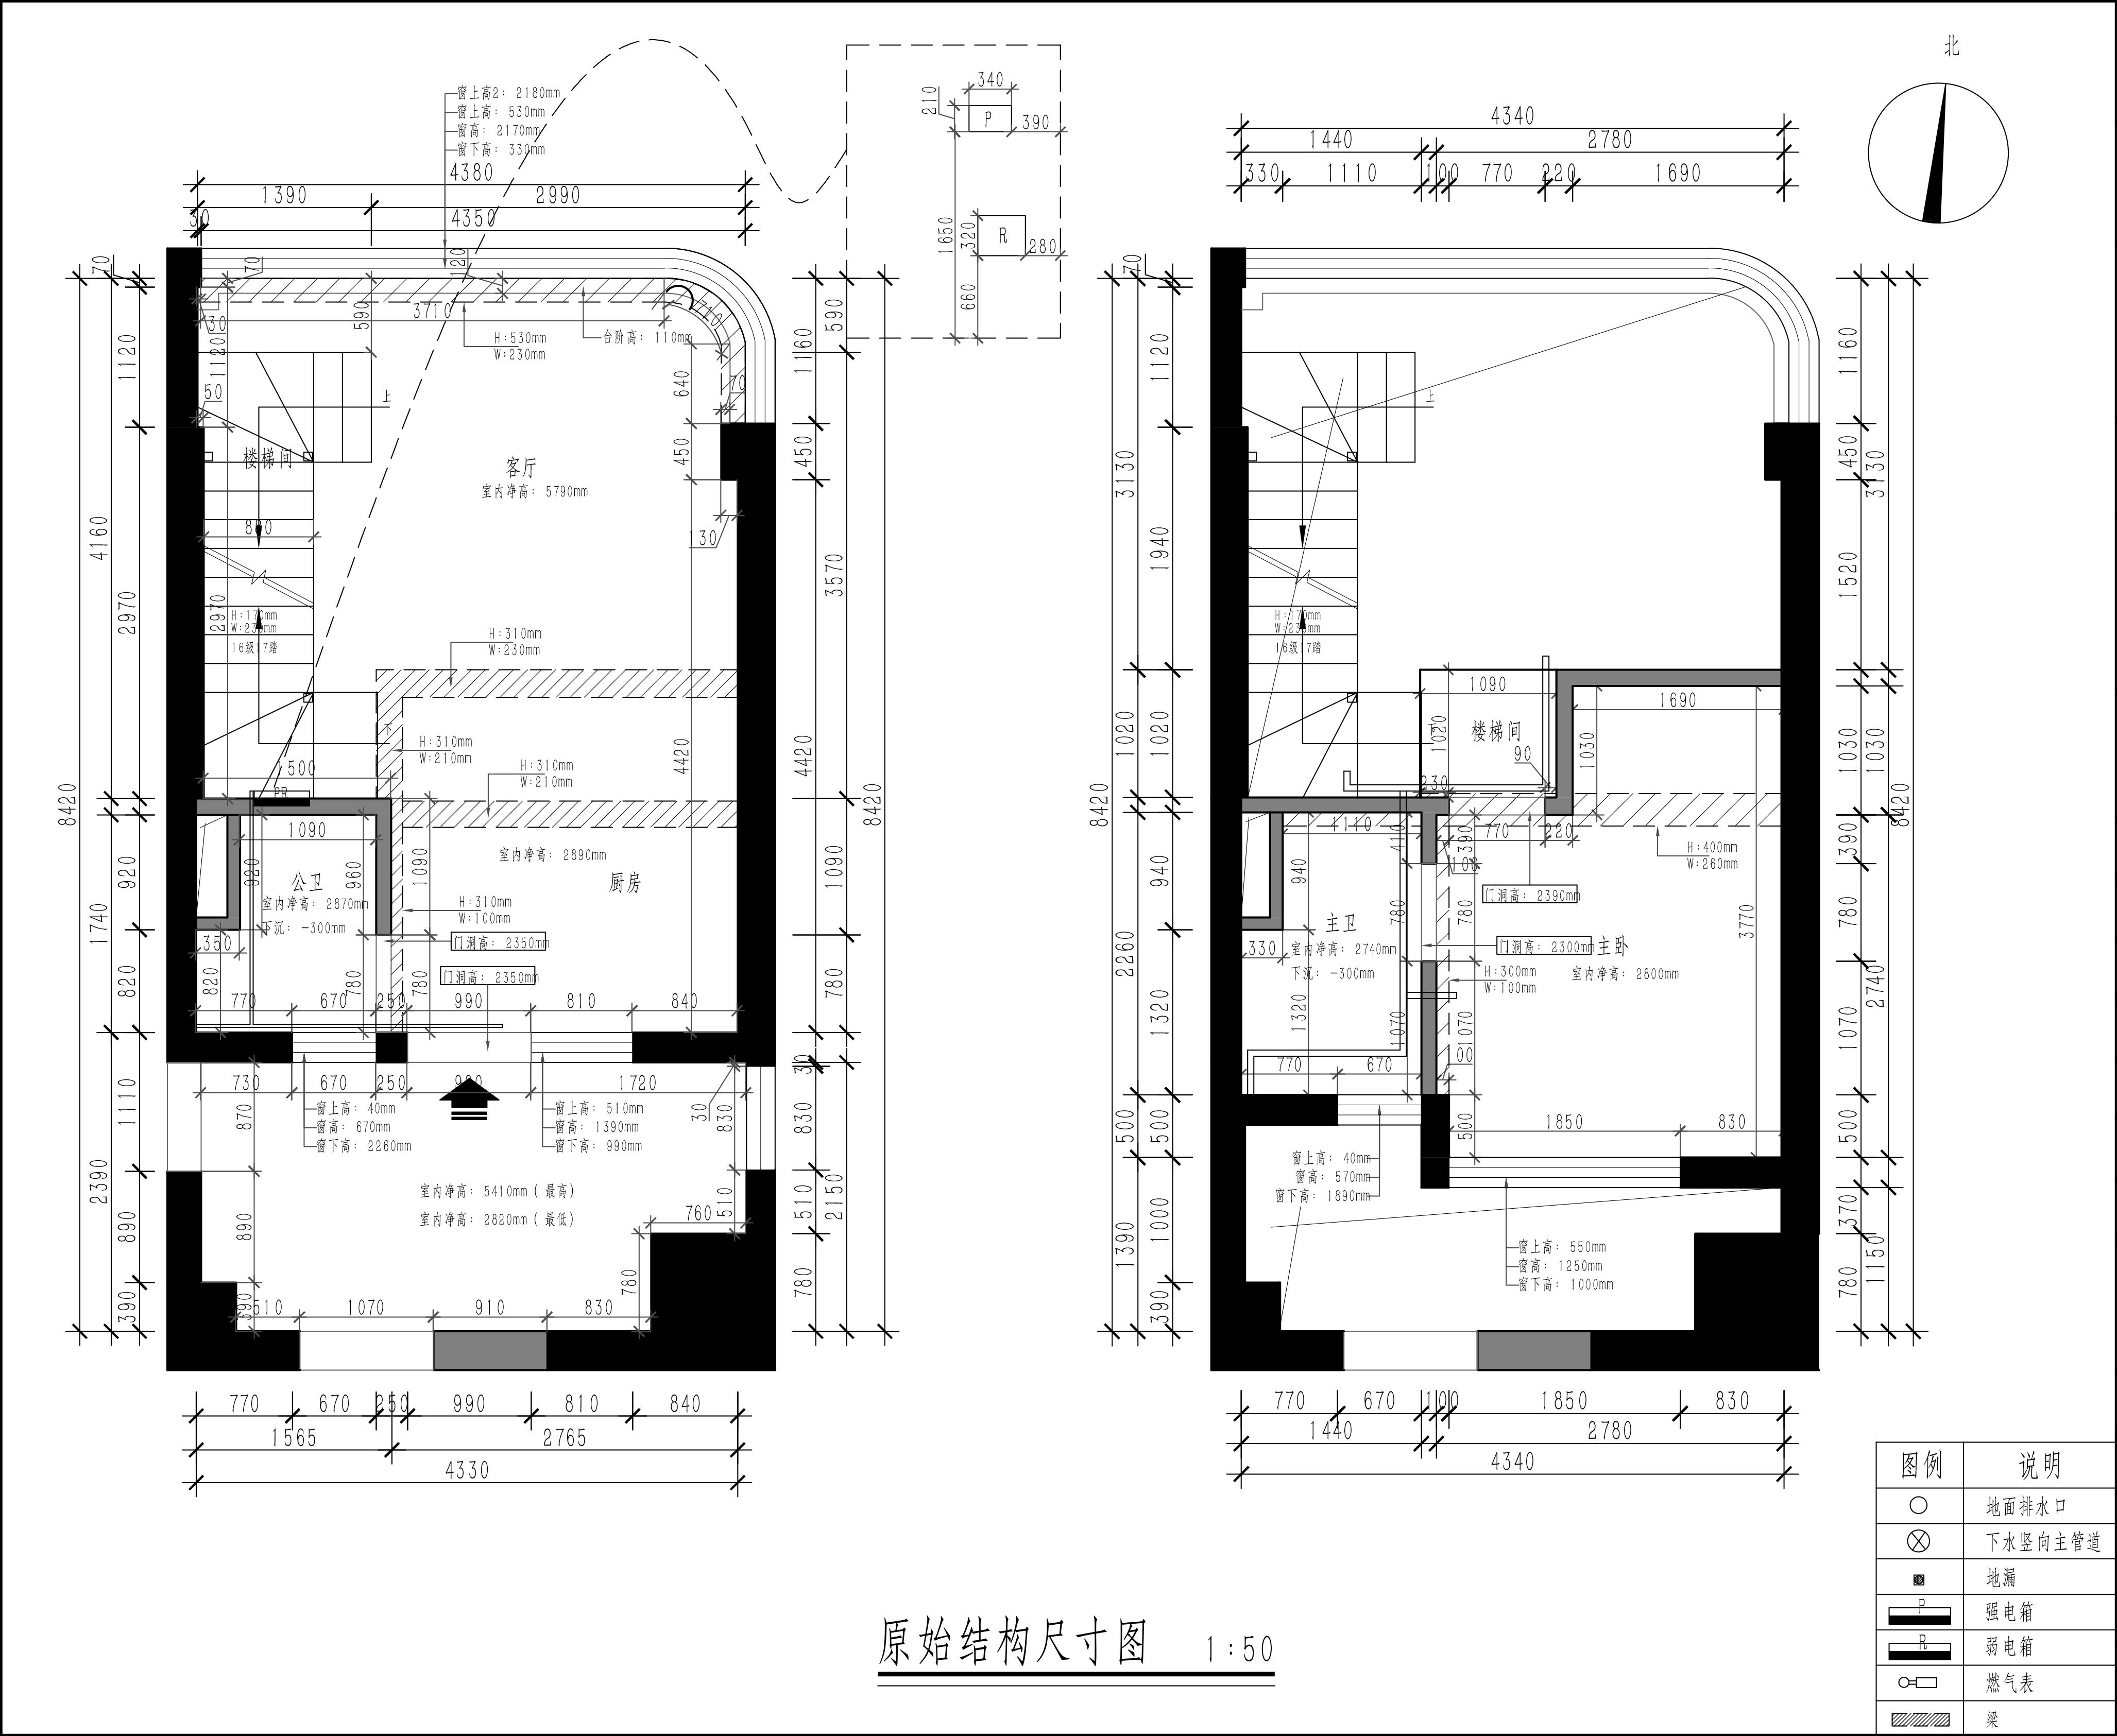 王府井50㎡现代简约复式装修效果图装修设计理念